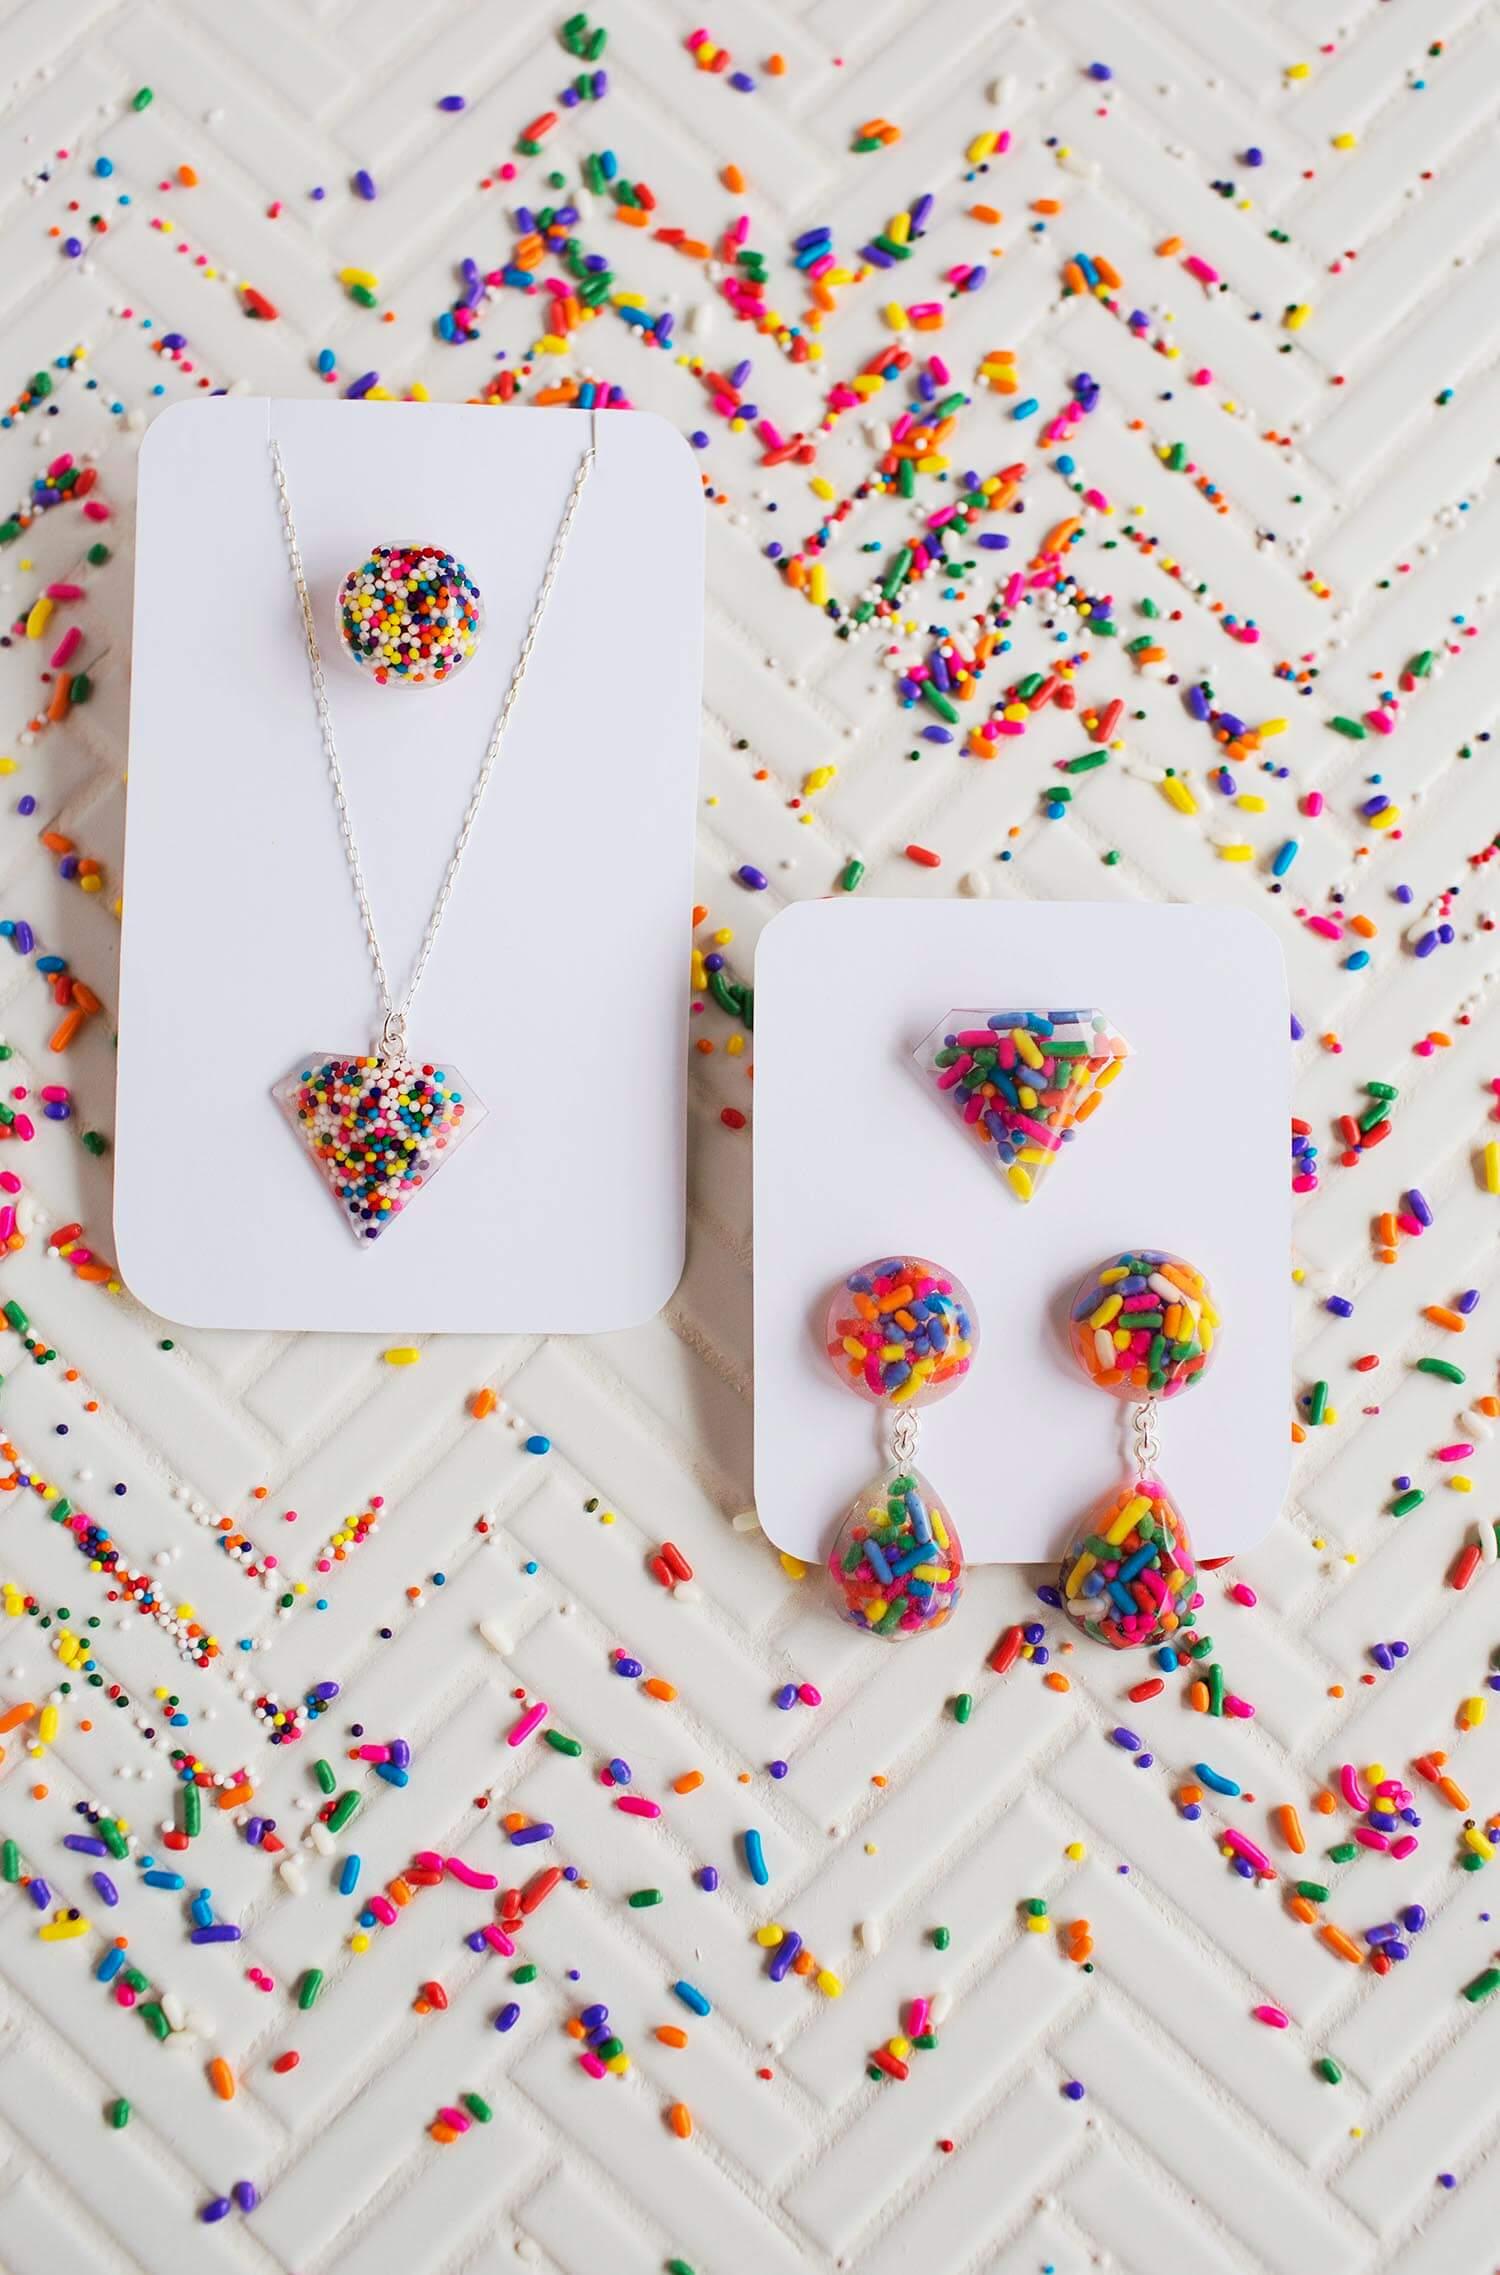 Sprinkle Epoxy Resin Jewelry